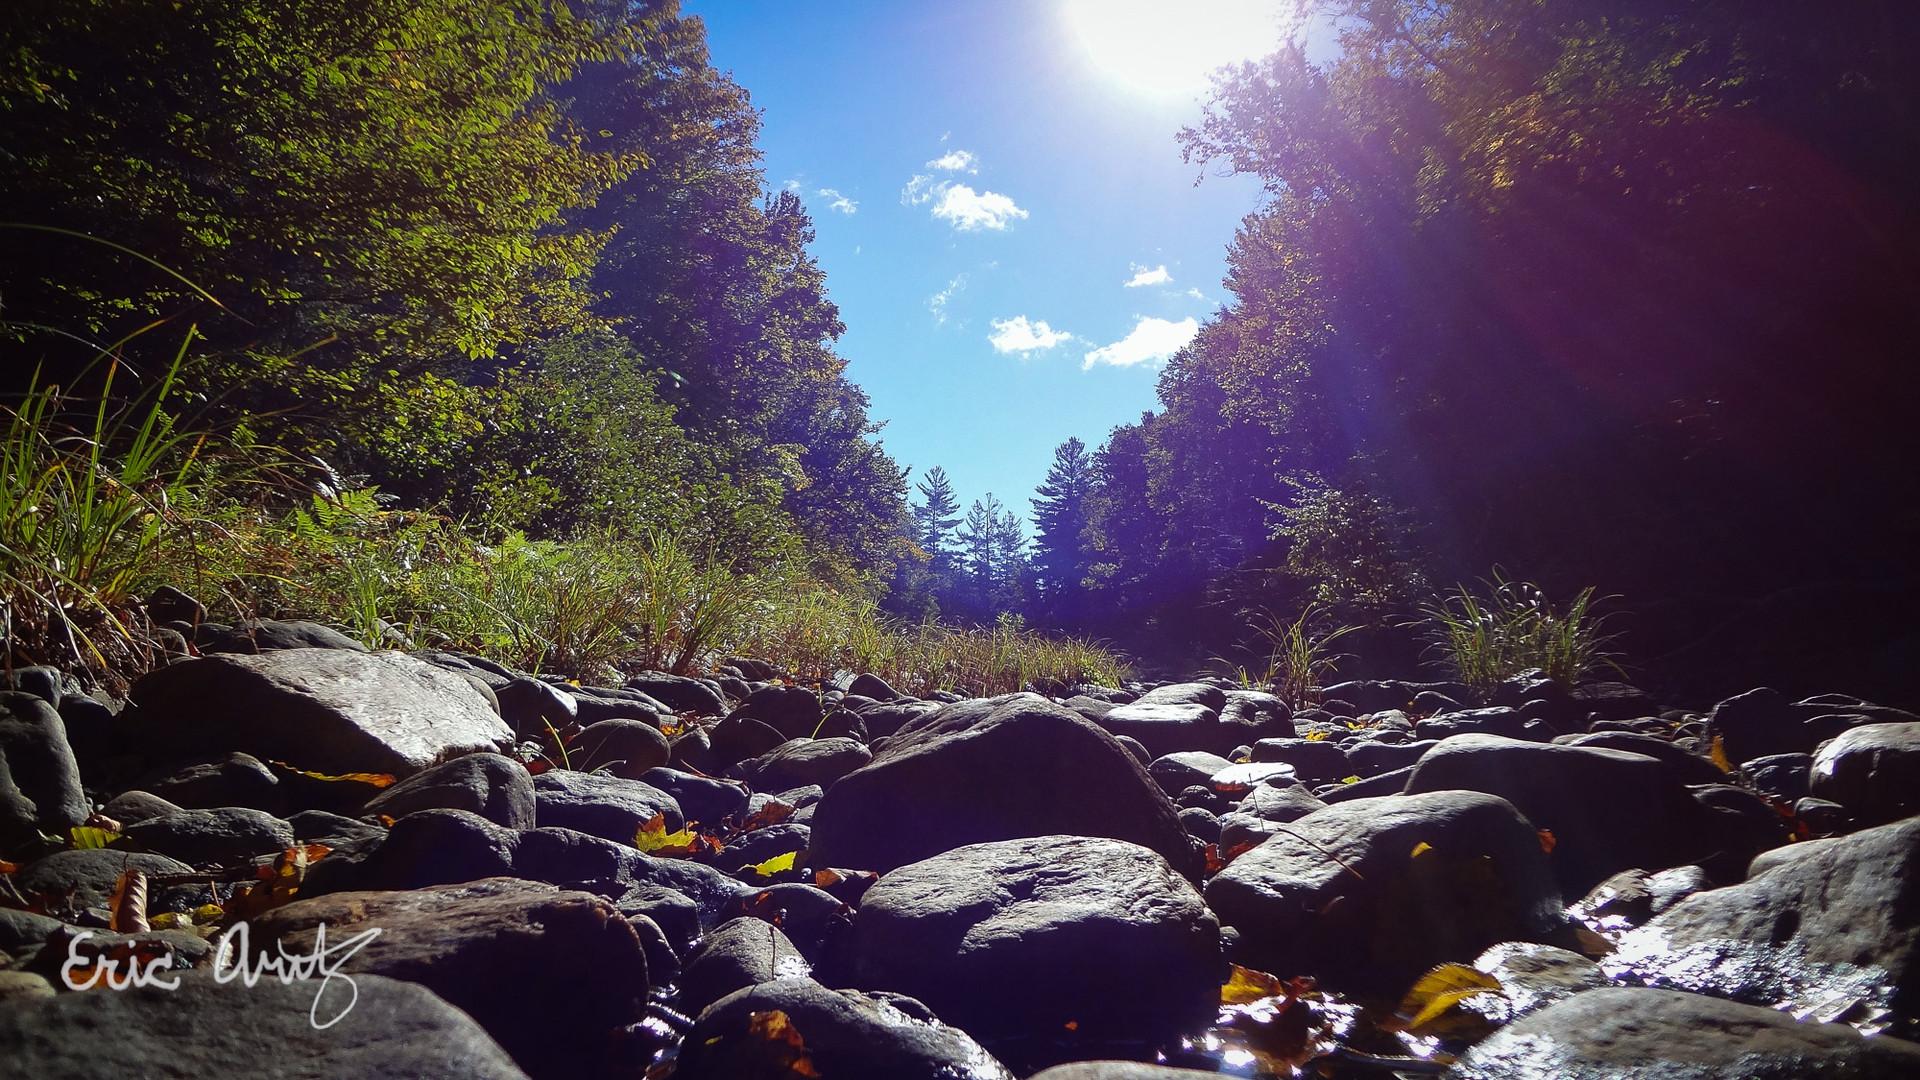 Stream Bed at Midday, Adirondacks